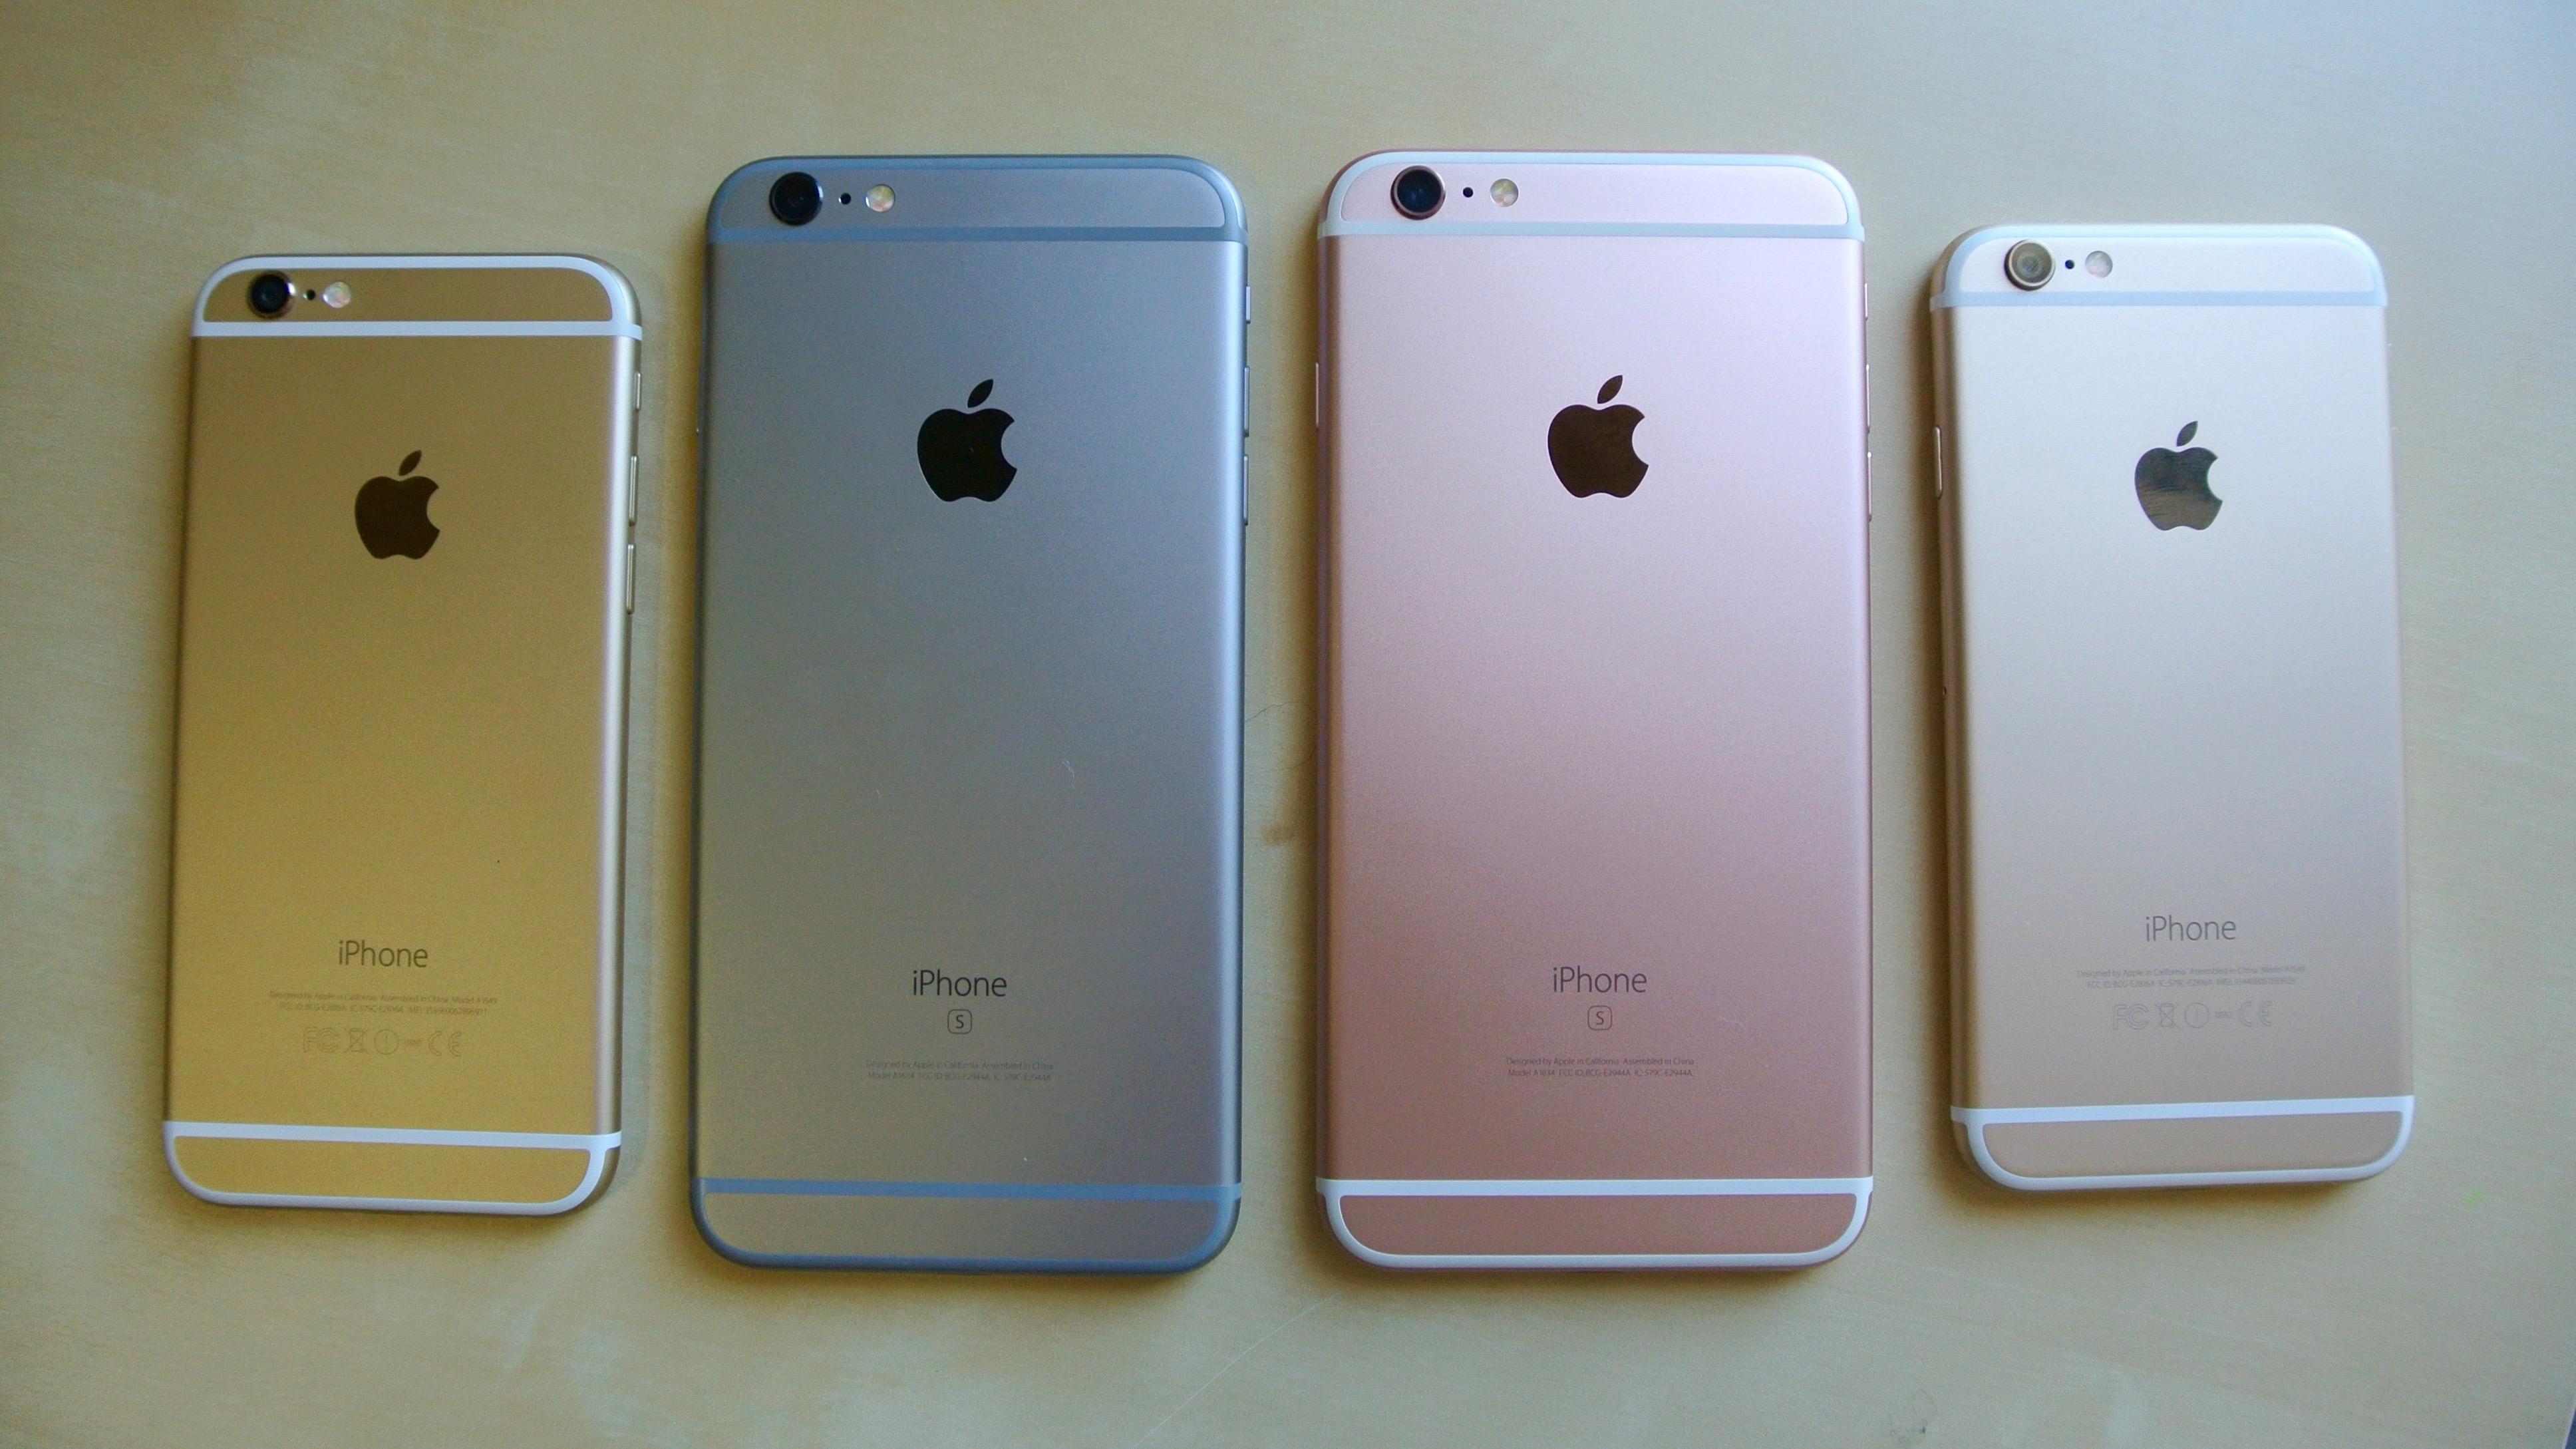 """<span href=""""https://9to5mac.com/2015/09/25/iphone-6s-plus-hands-on-first-impressions-photos/"""">iPhone 6s Plus: manos a la obra & las primeras impresiones con el Espacio Gris + Rosa de Oro [Galería]</a>"""